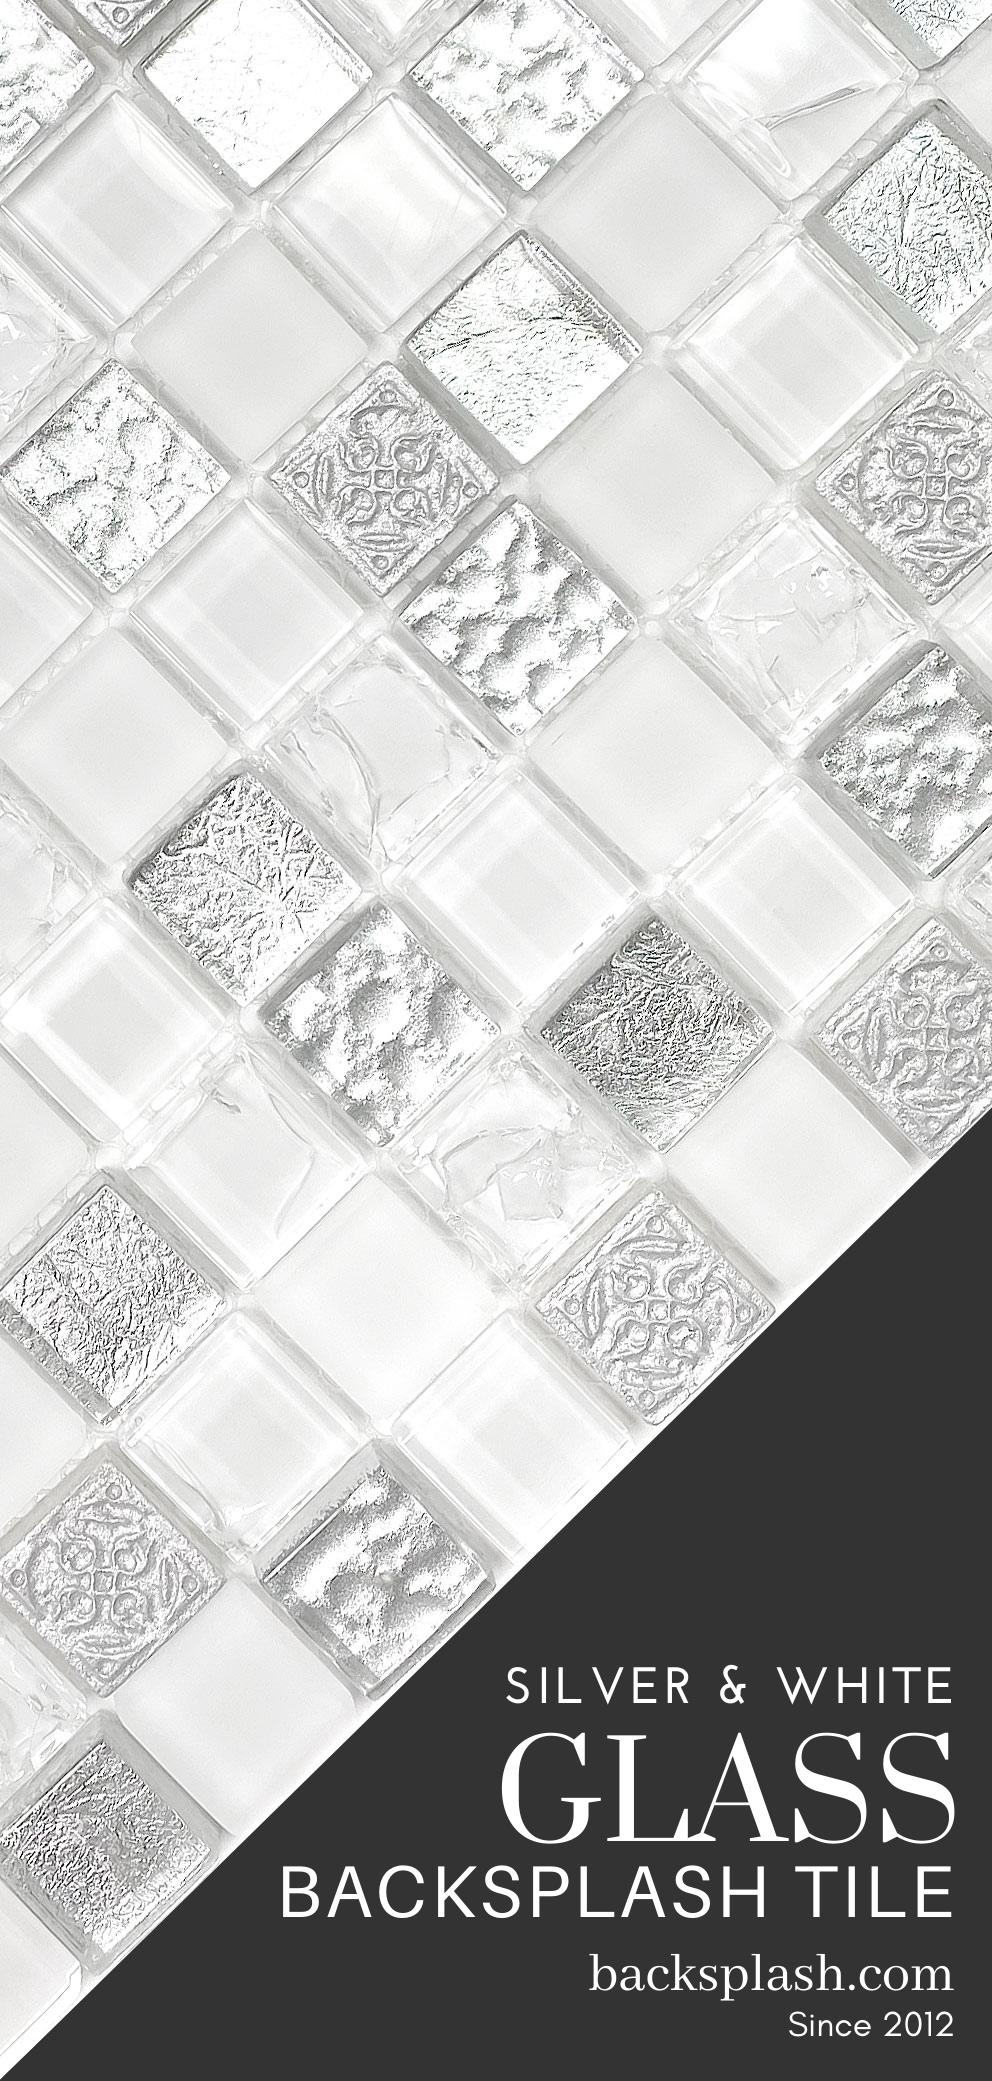 - White & Silver Color Elegant Glass Backsplash Tile Backsplash